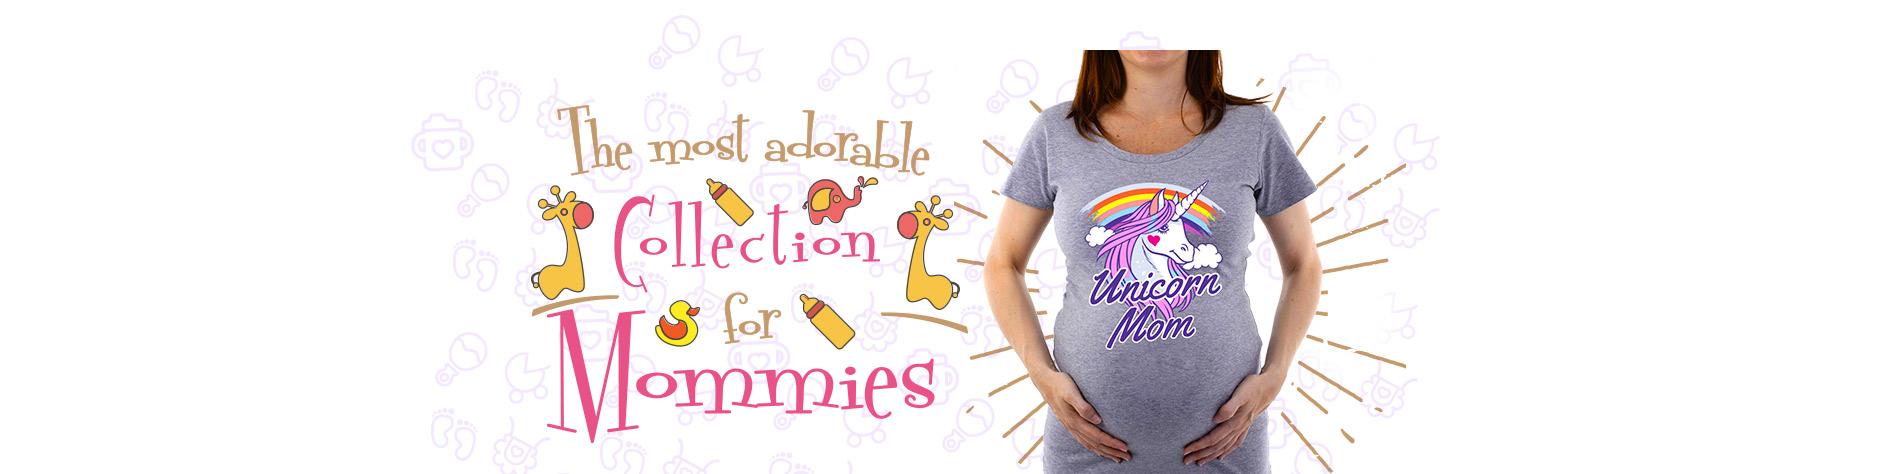 Udesign Demo T Shirt Design Software Online T Shirt Designer Tool